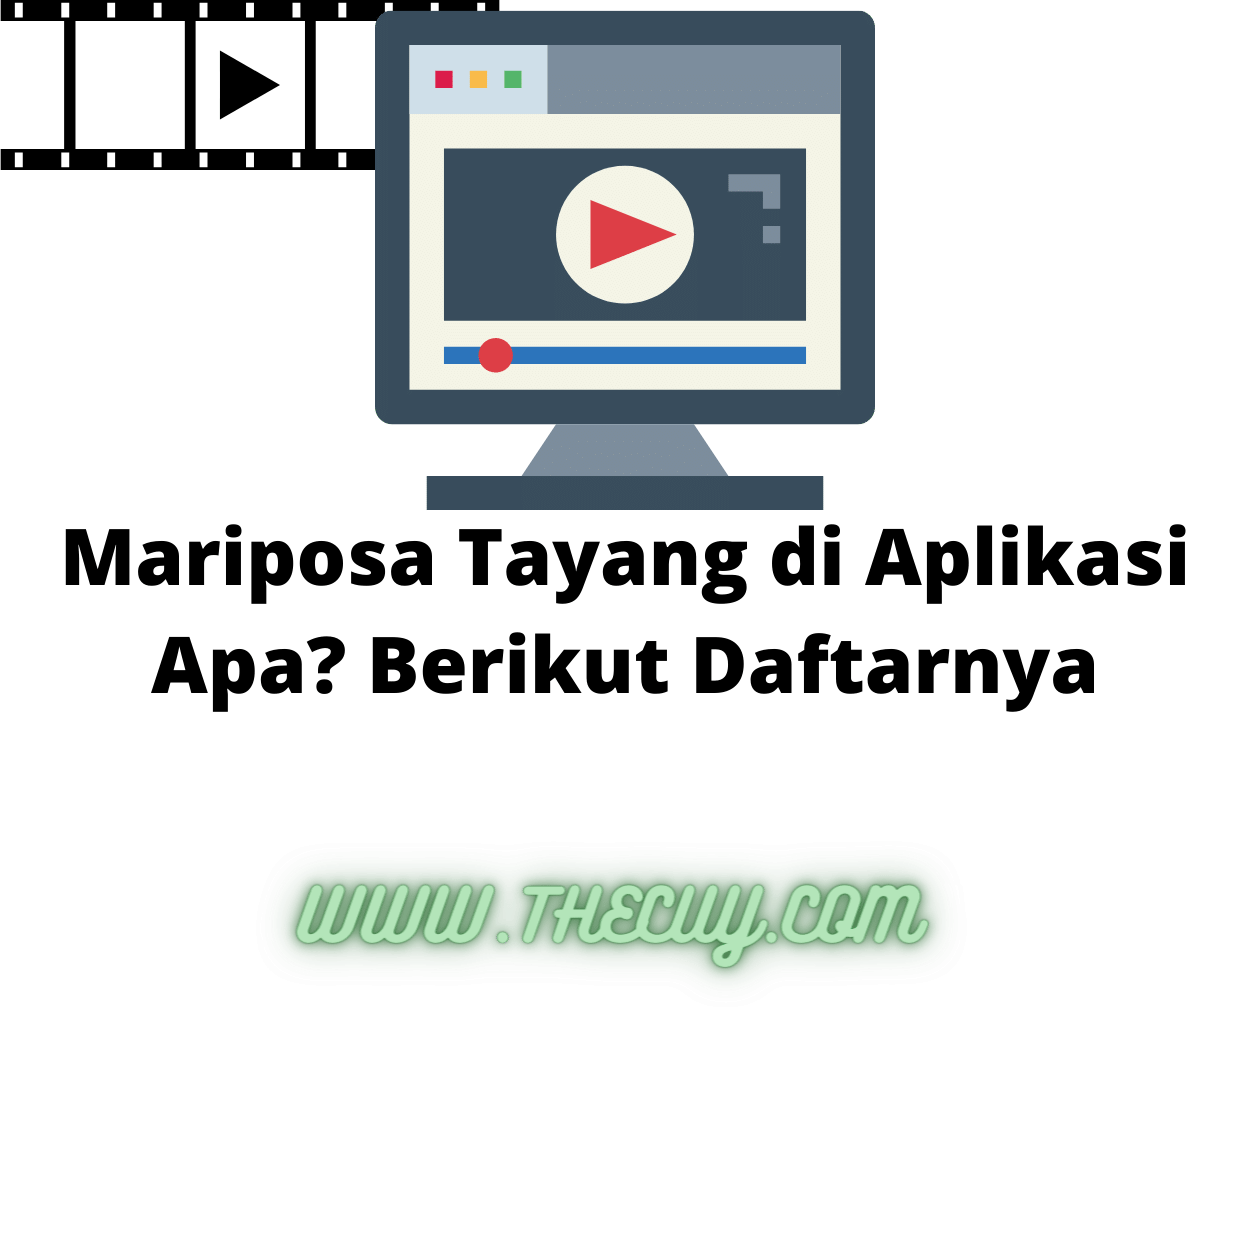 Mariposa Tayang di Aplikasi Apa? Berikut Daftarnya